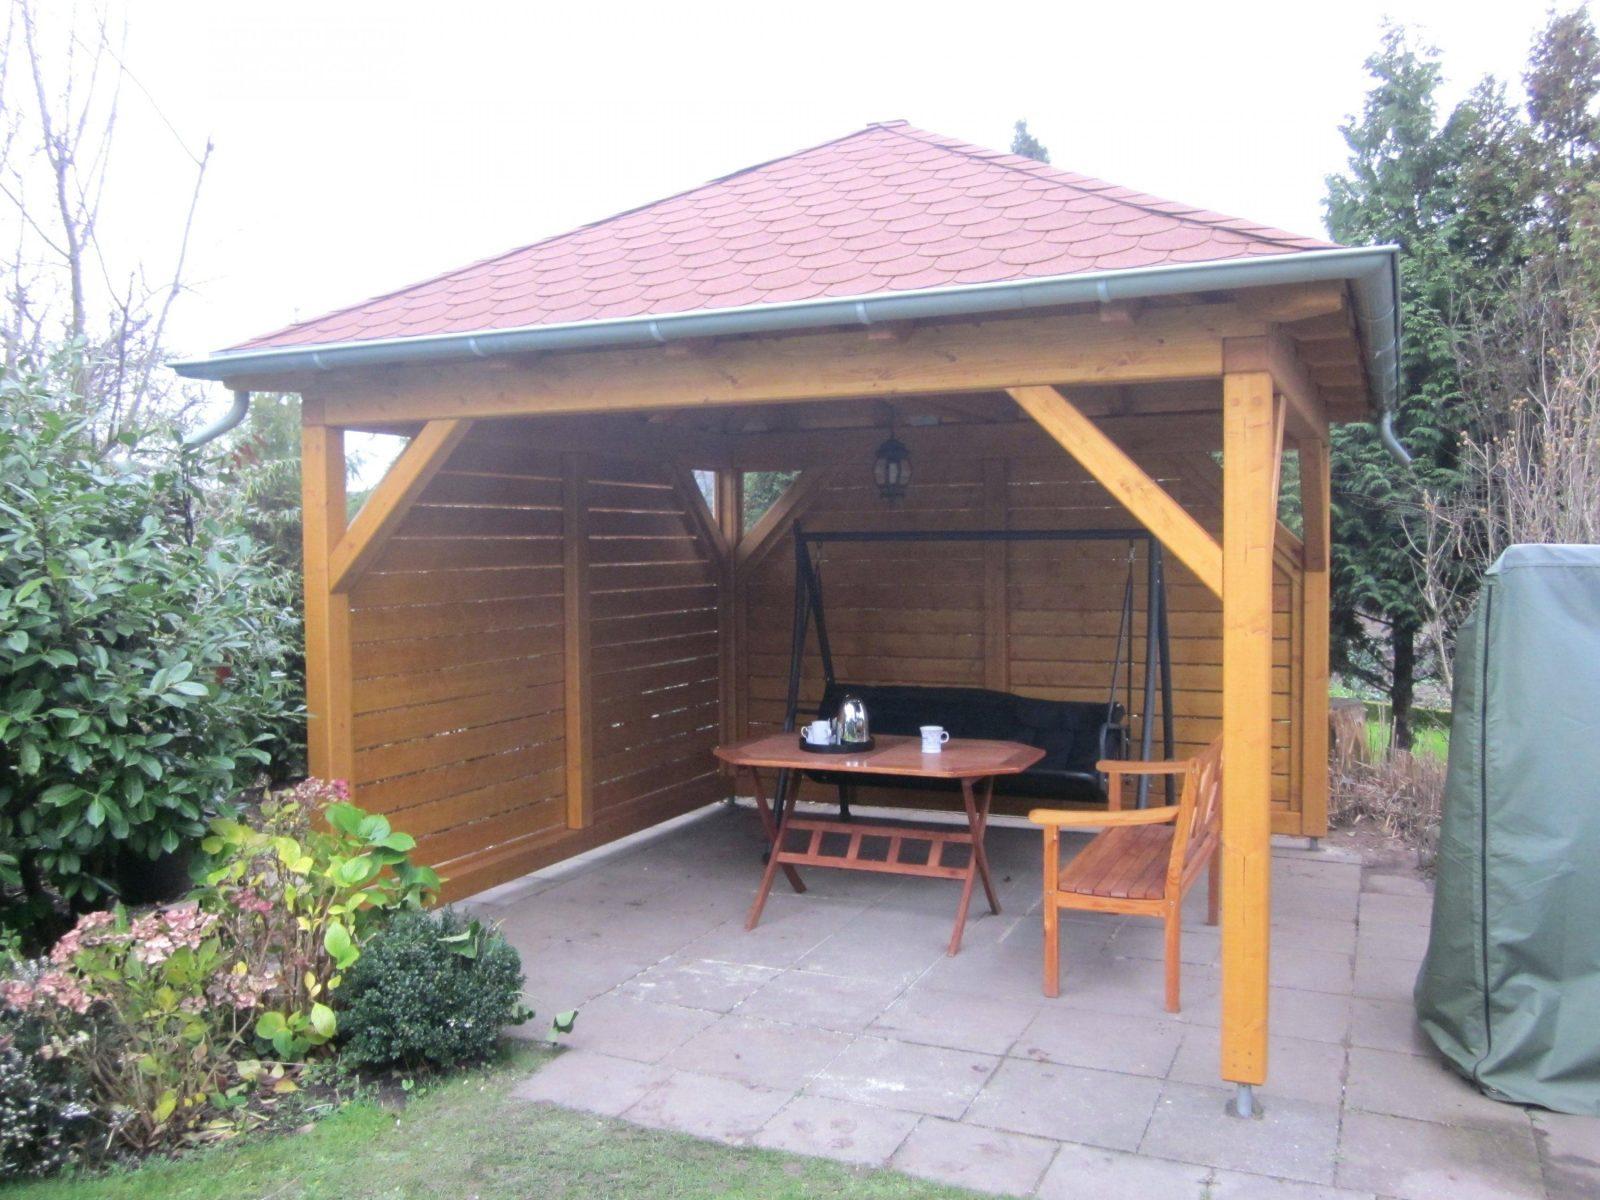 Holz Gartenpavillon Pavillon Aus Selber Bauen Bauanleitung Bauplan von Gartenpavillon Selber